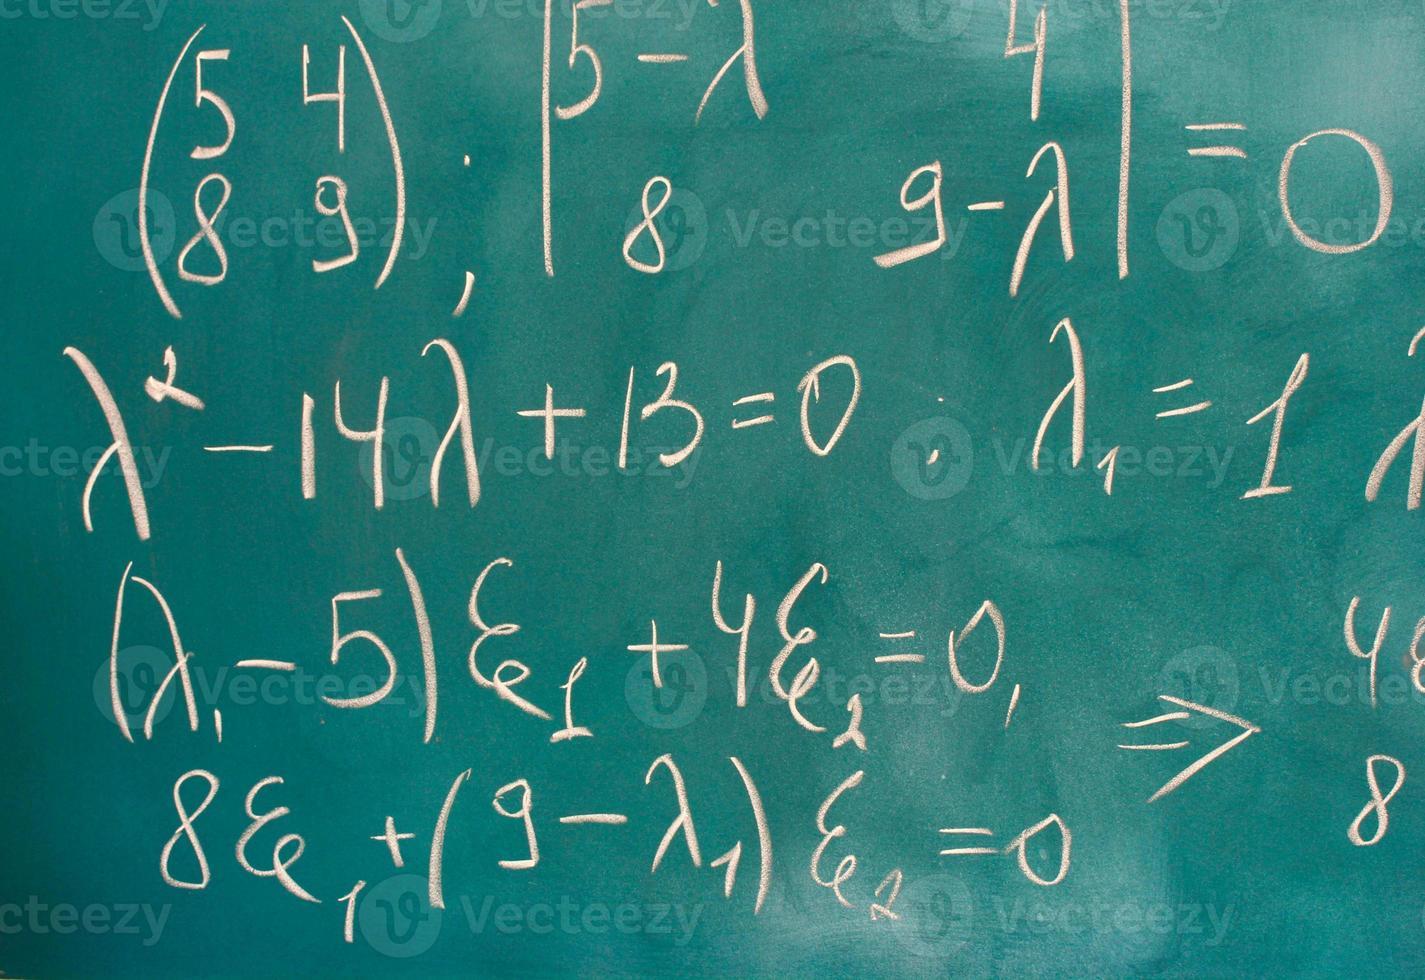 Formeln auf grüner Tafel geschrieben foto